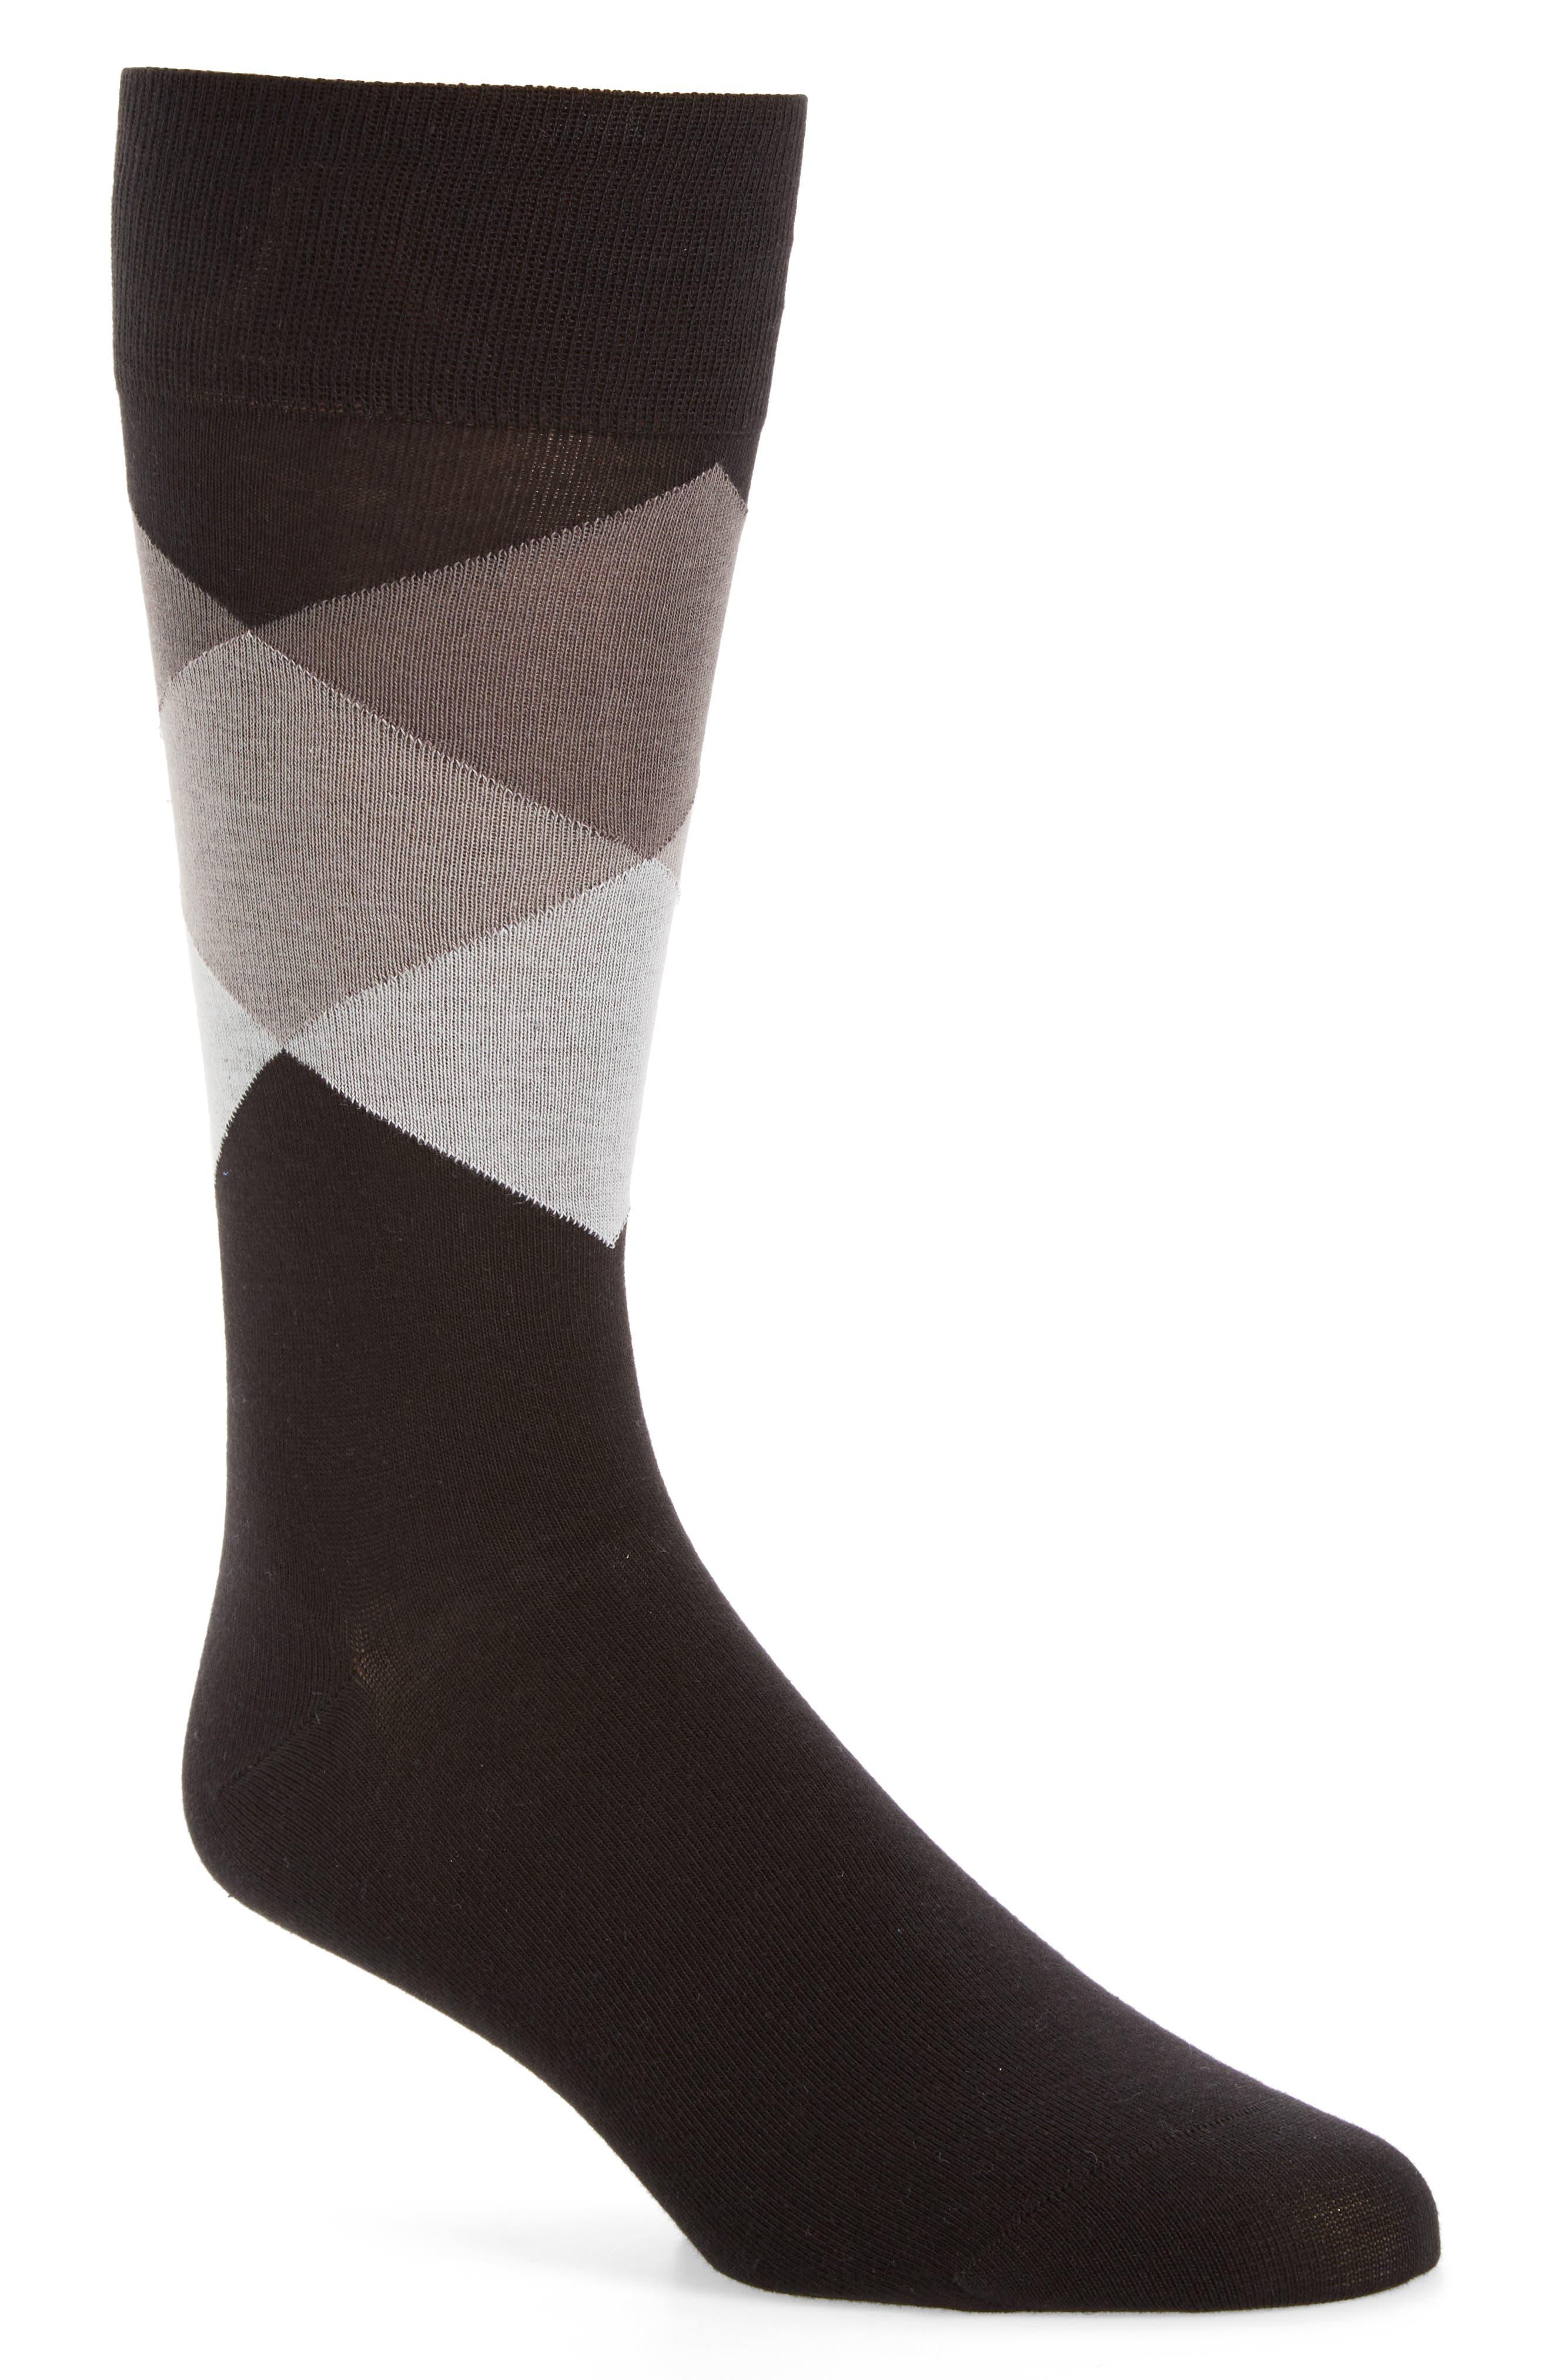 Large Diamond Crew Socks,                             Alternate thumbnail 2, color,                             BLACK